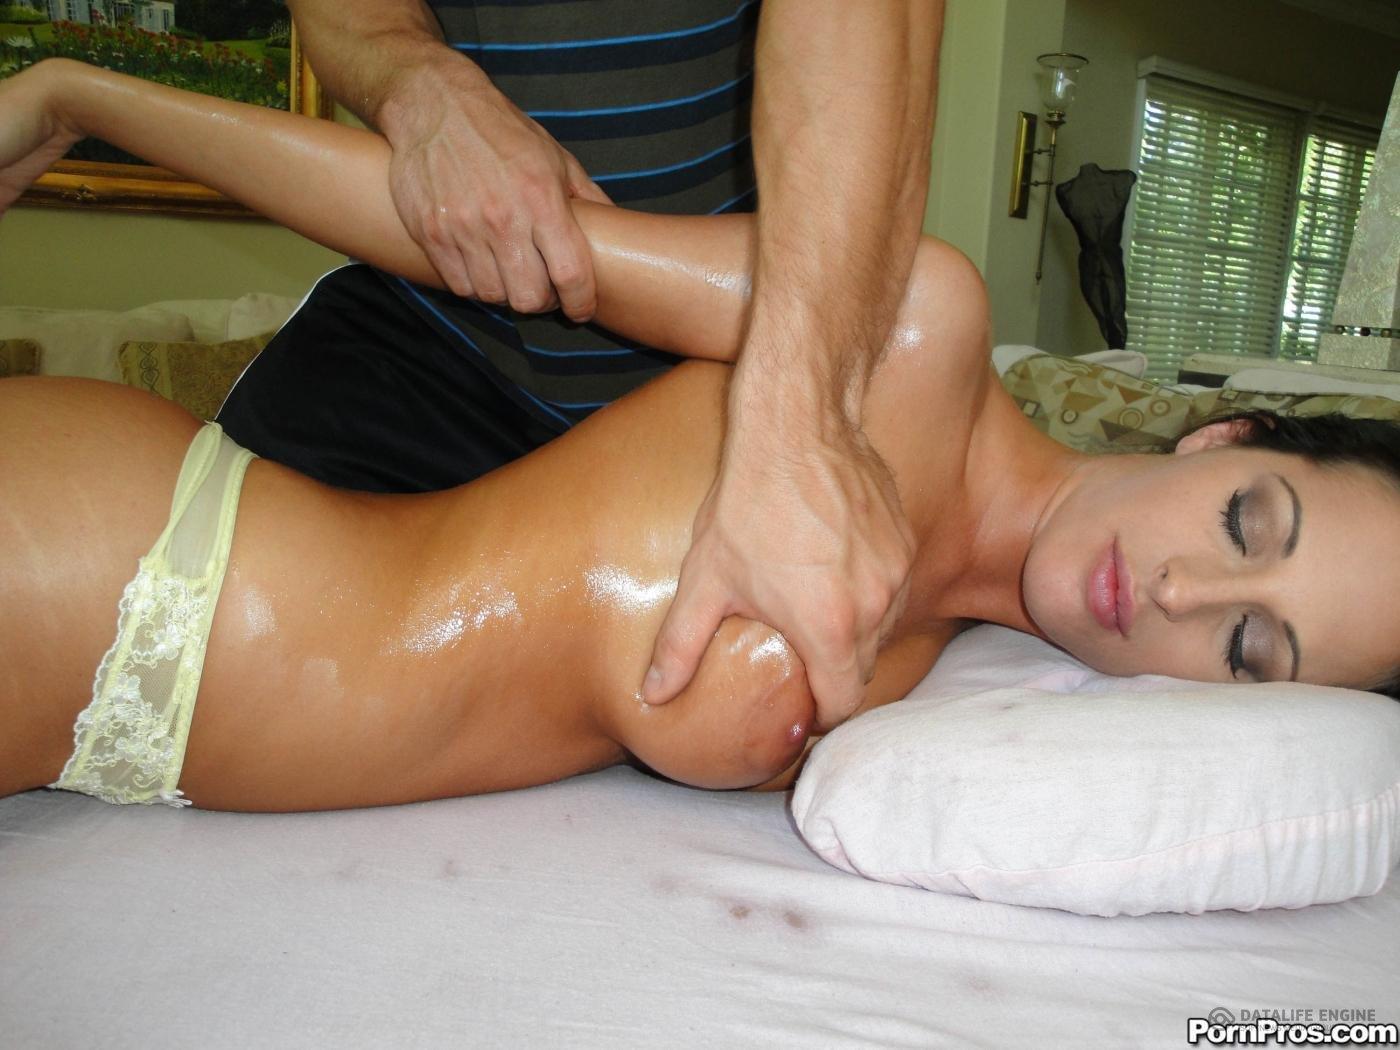 Молоденькая крошка трахается после эротического массажа в киску